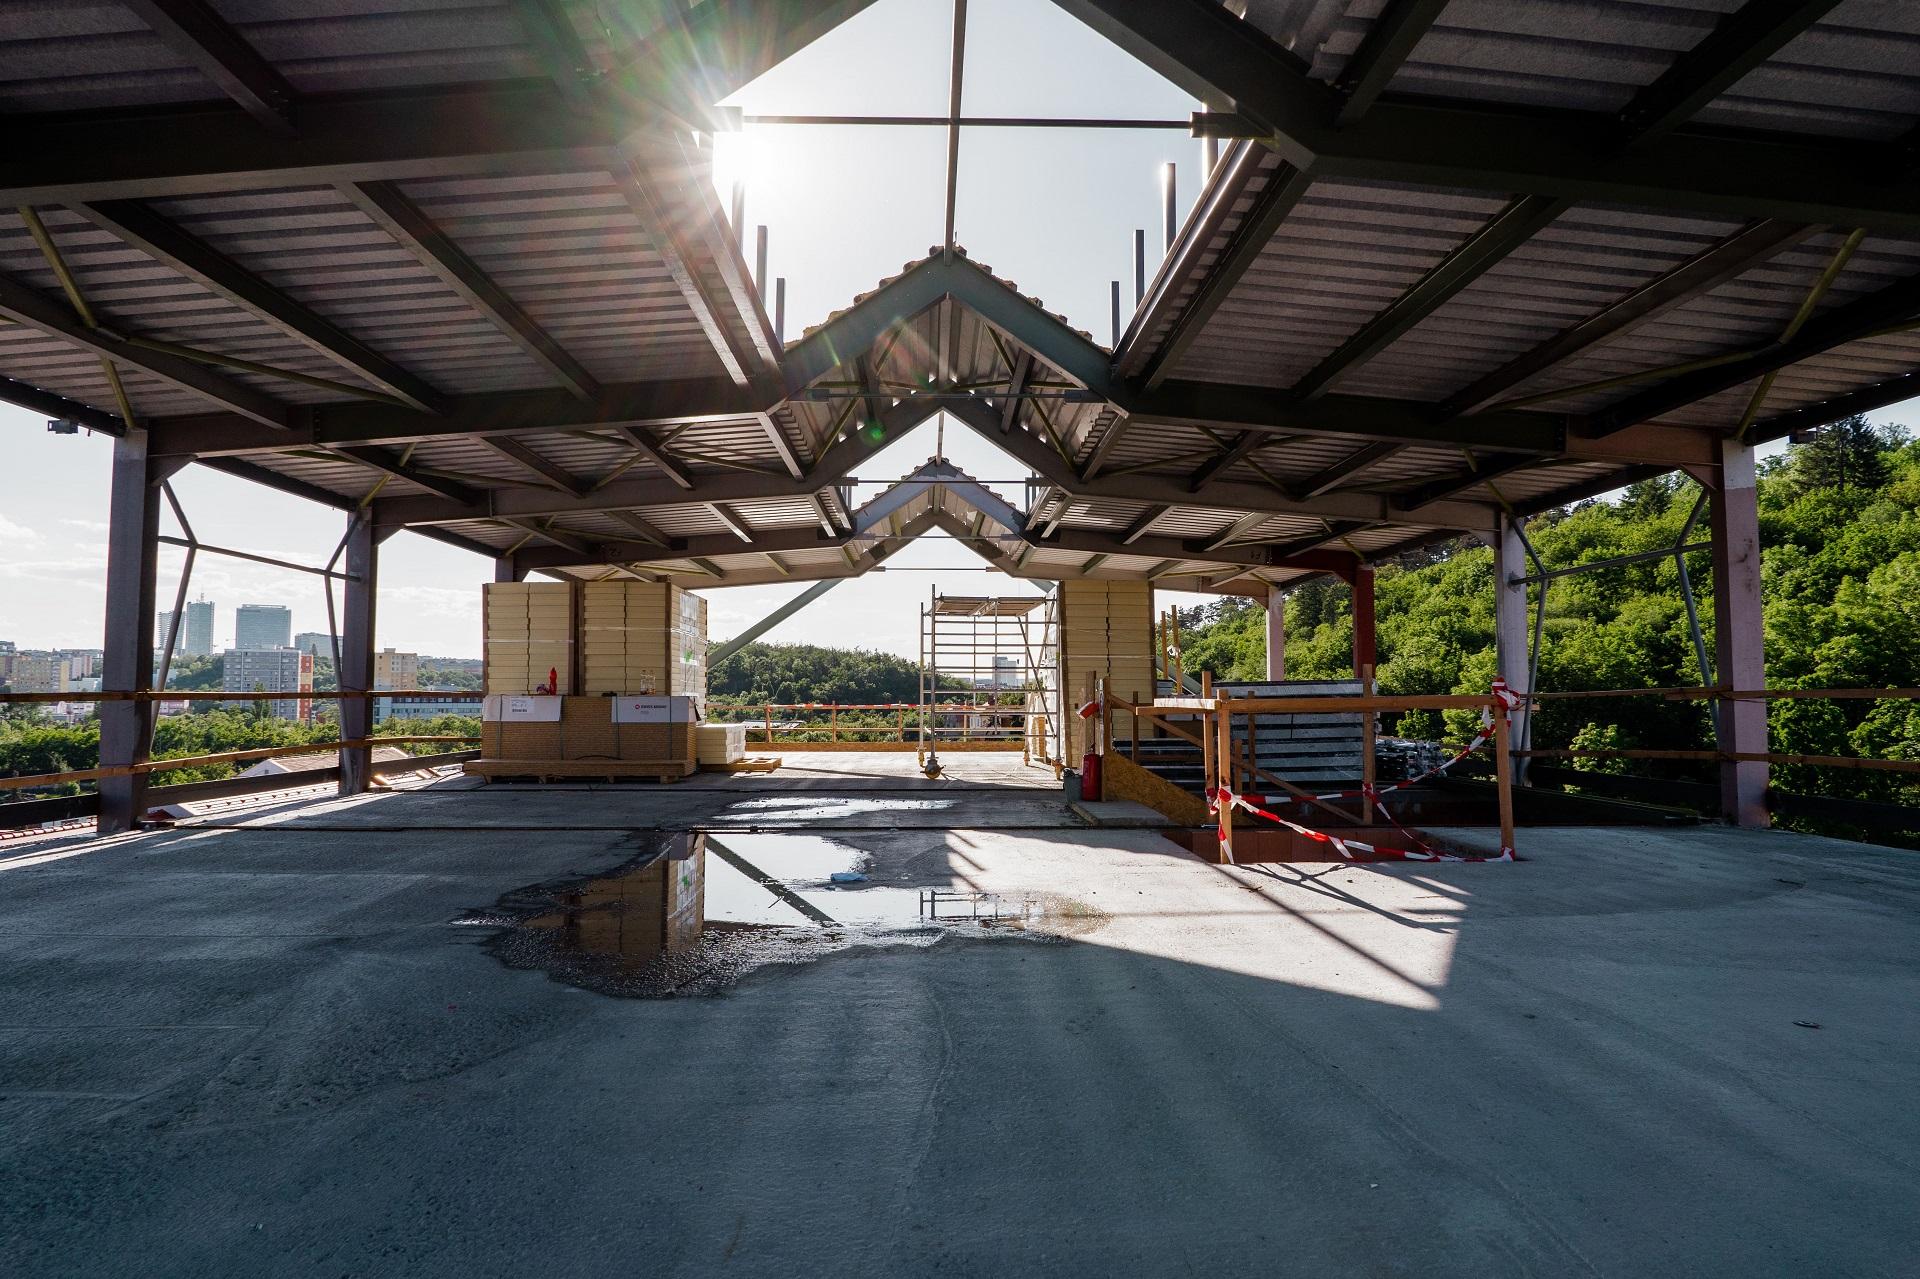 Klientská budova PPSM - rekonstrukce zevnitř 2